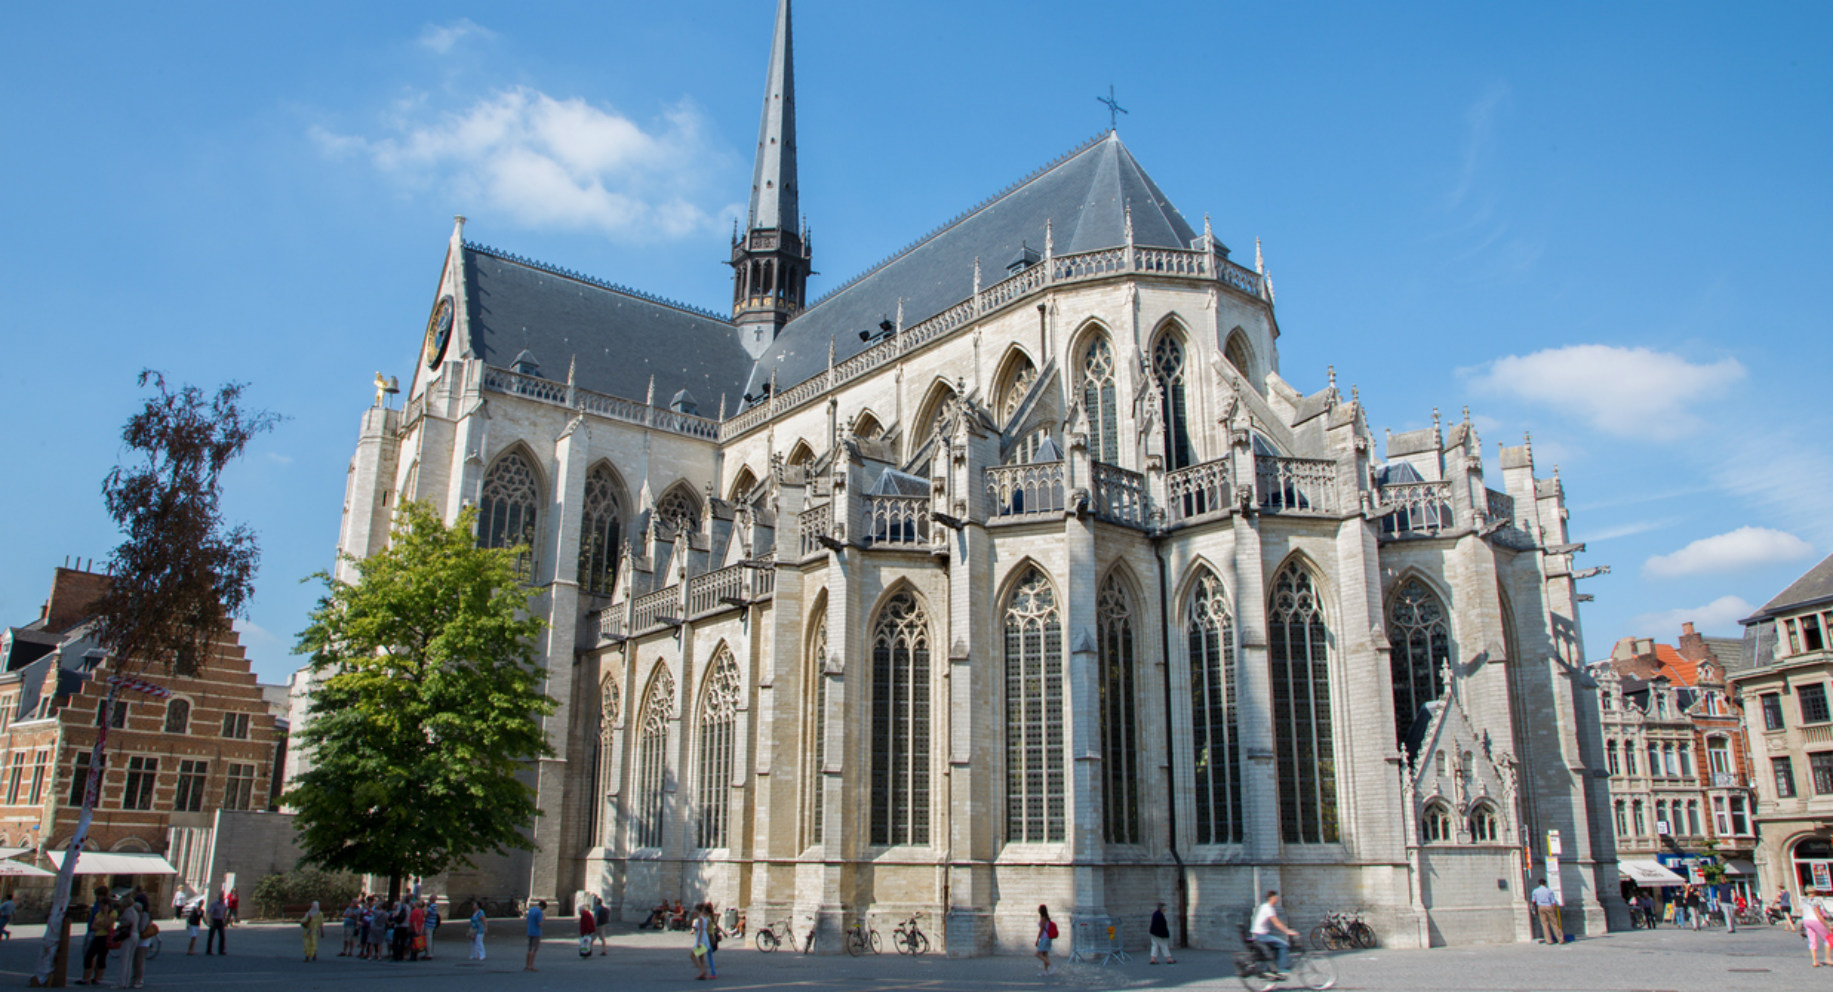 St. Pieterkerk